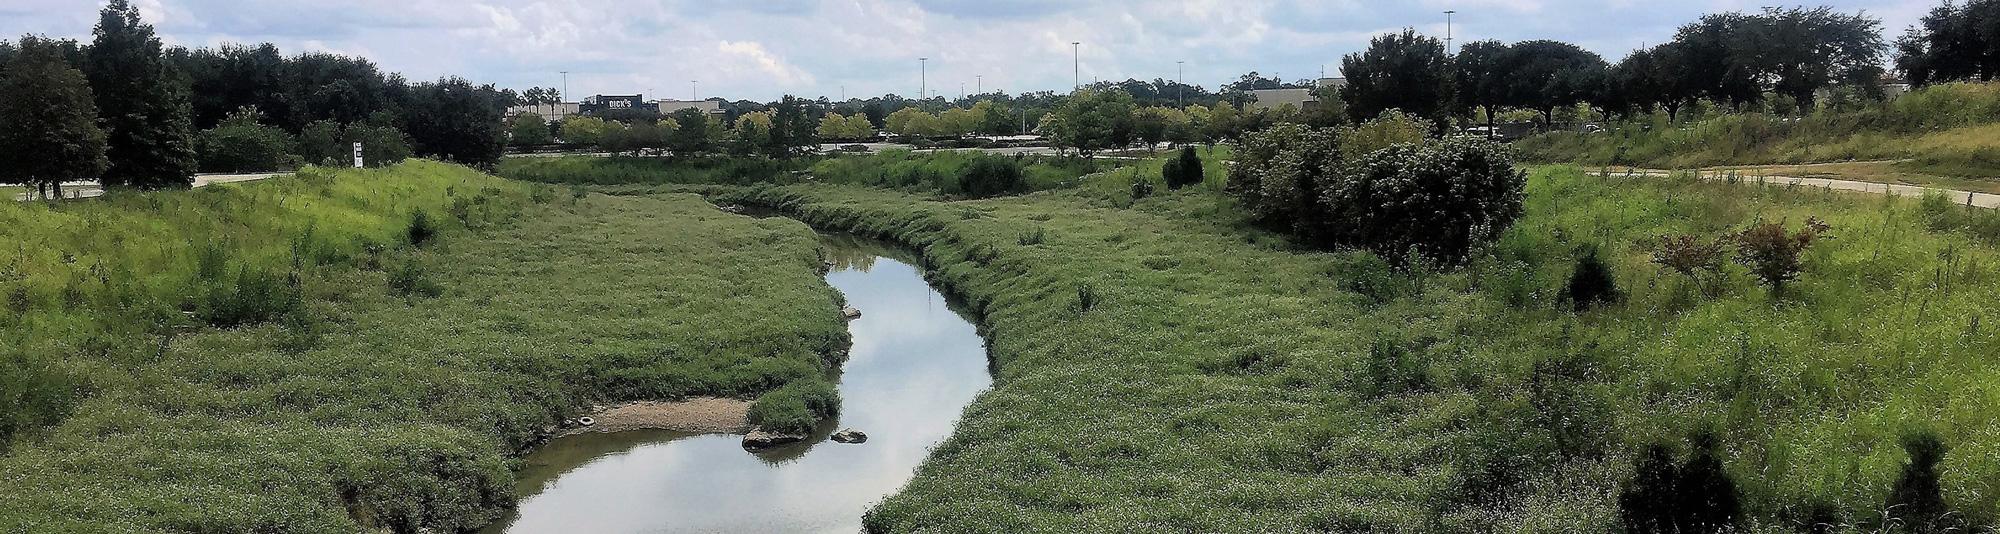 Bluebonnet Parc Canal